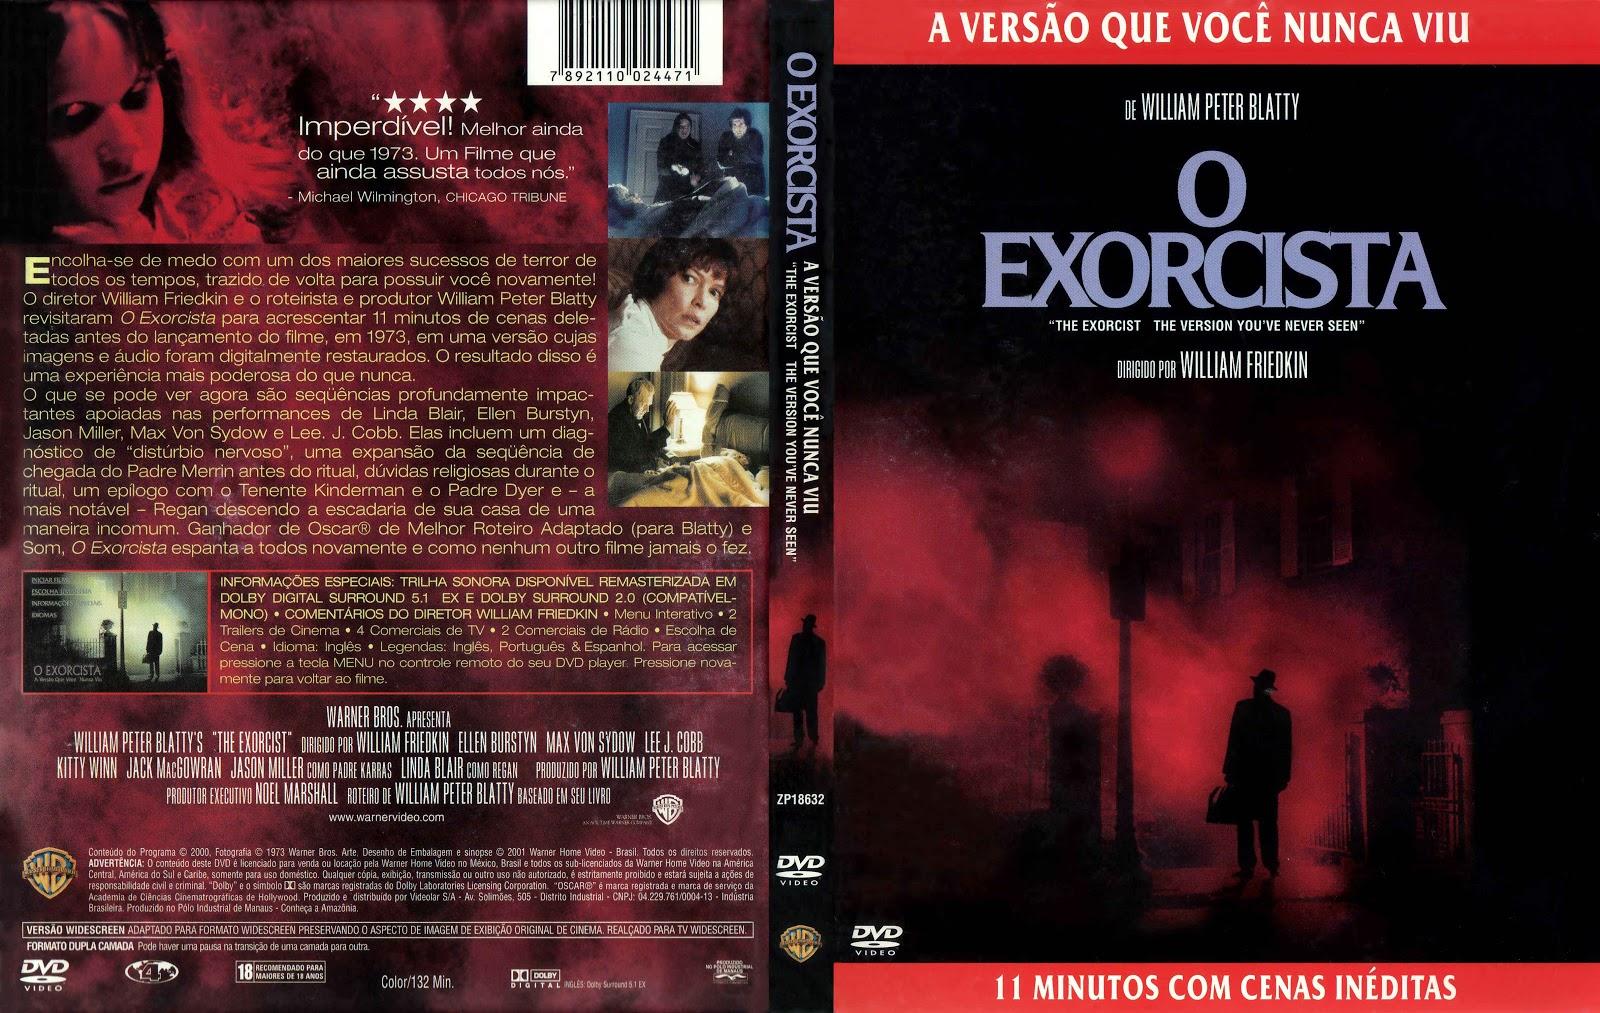 Capa DVD O Exorcista A Versão Que Você Nunca Viu